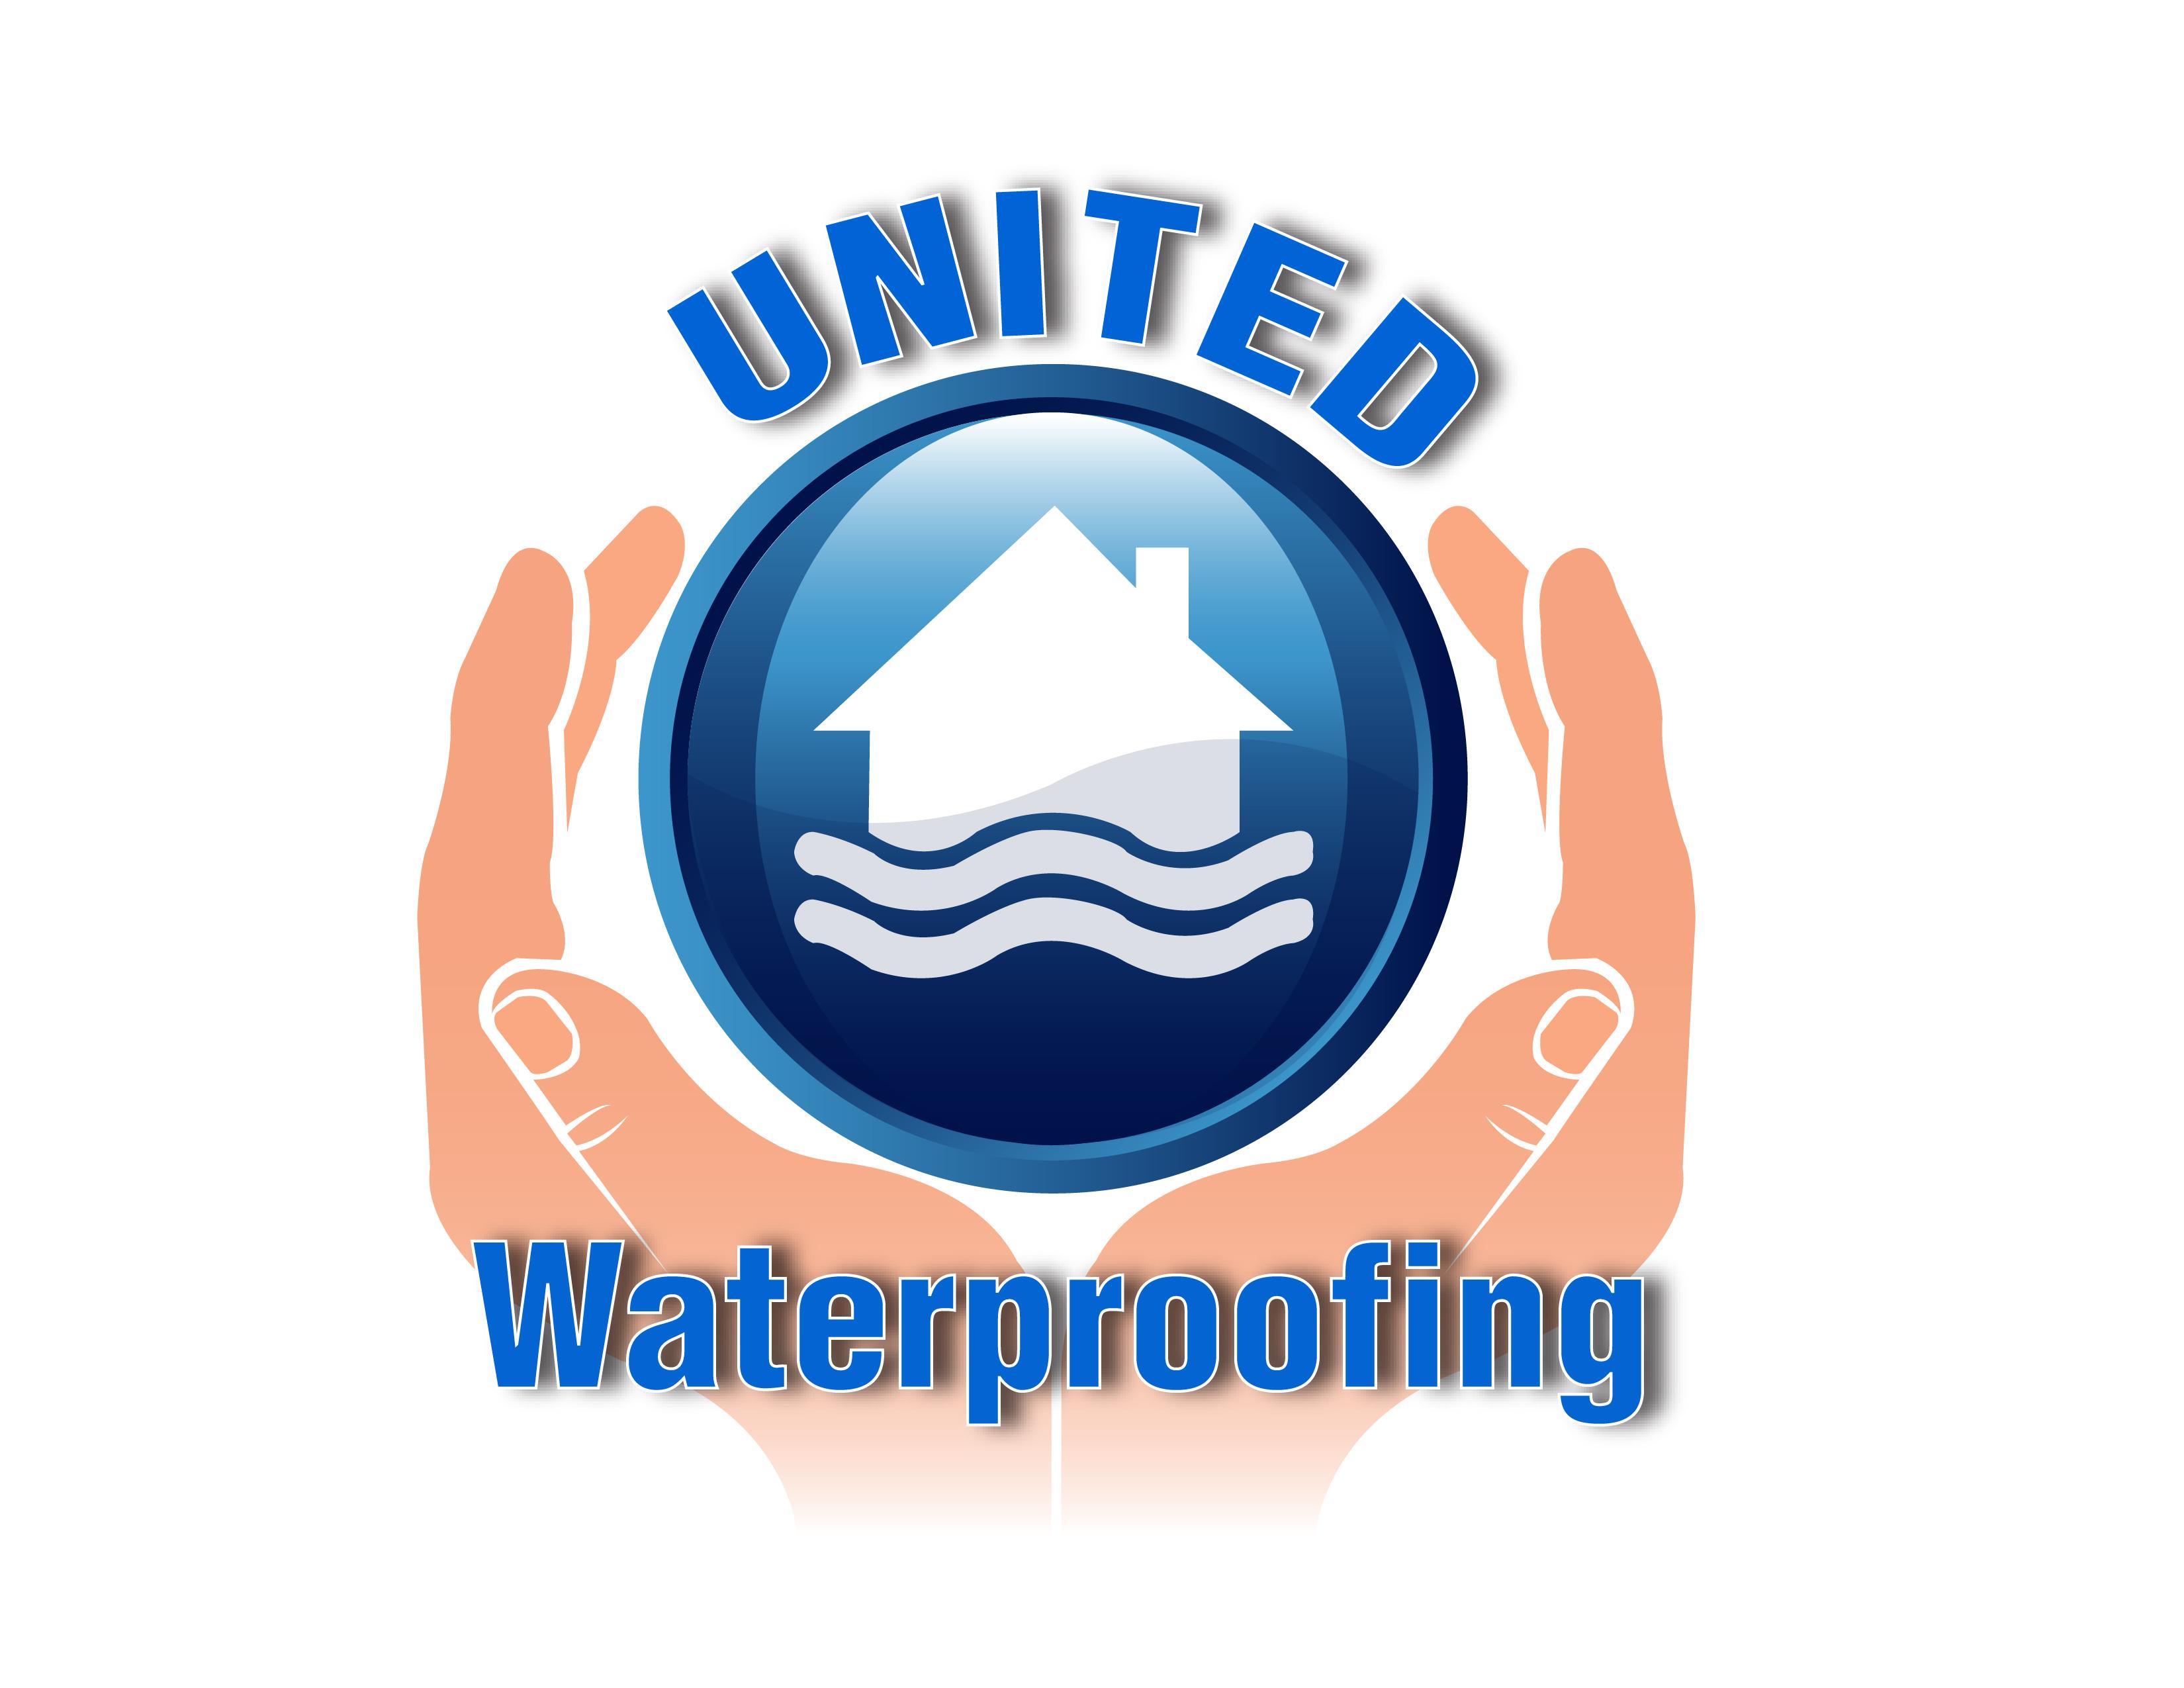 United Waterproofing